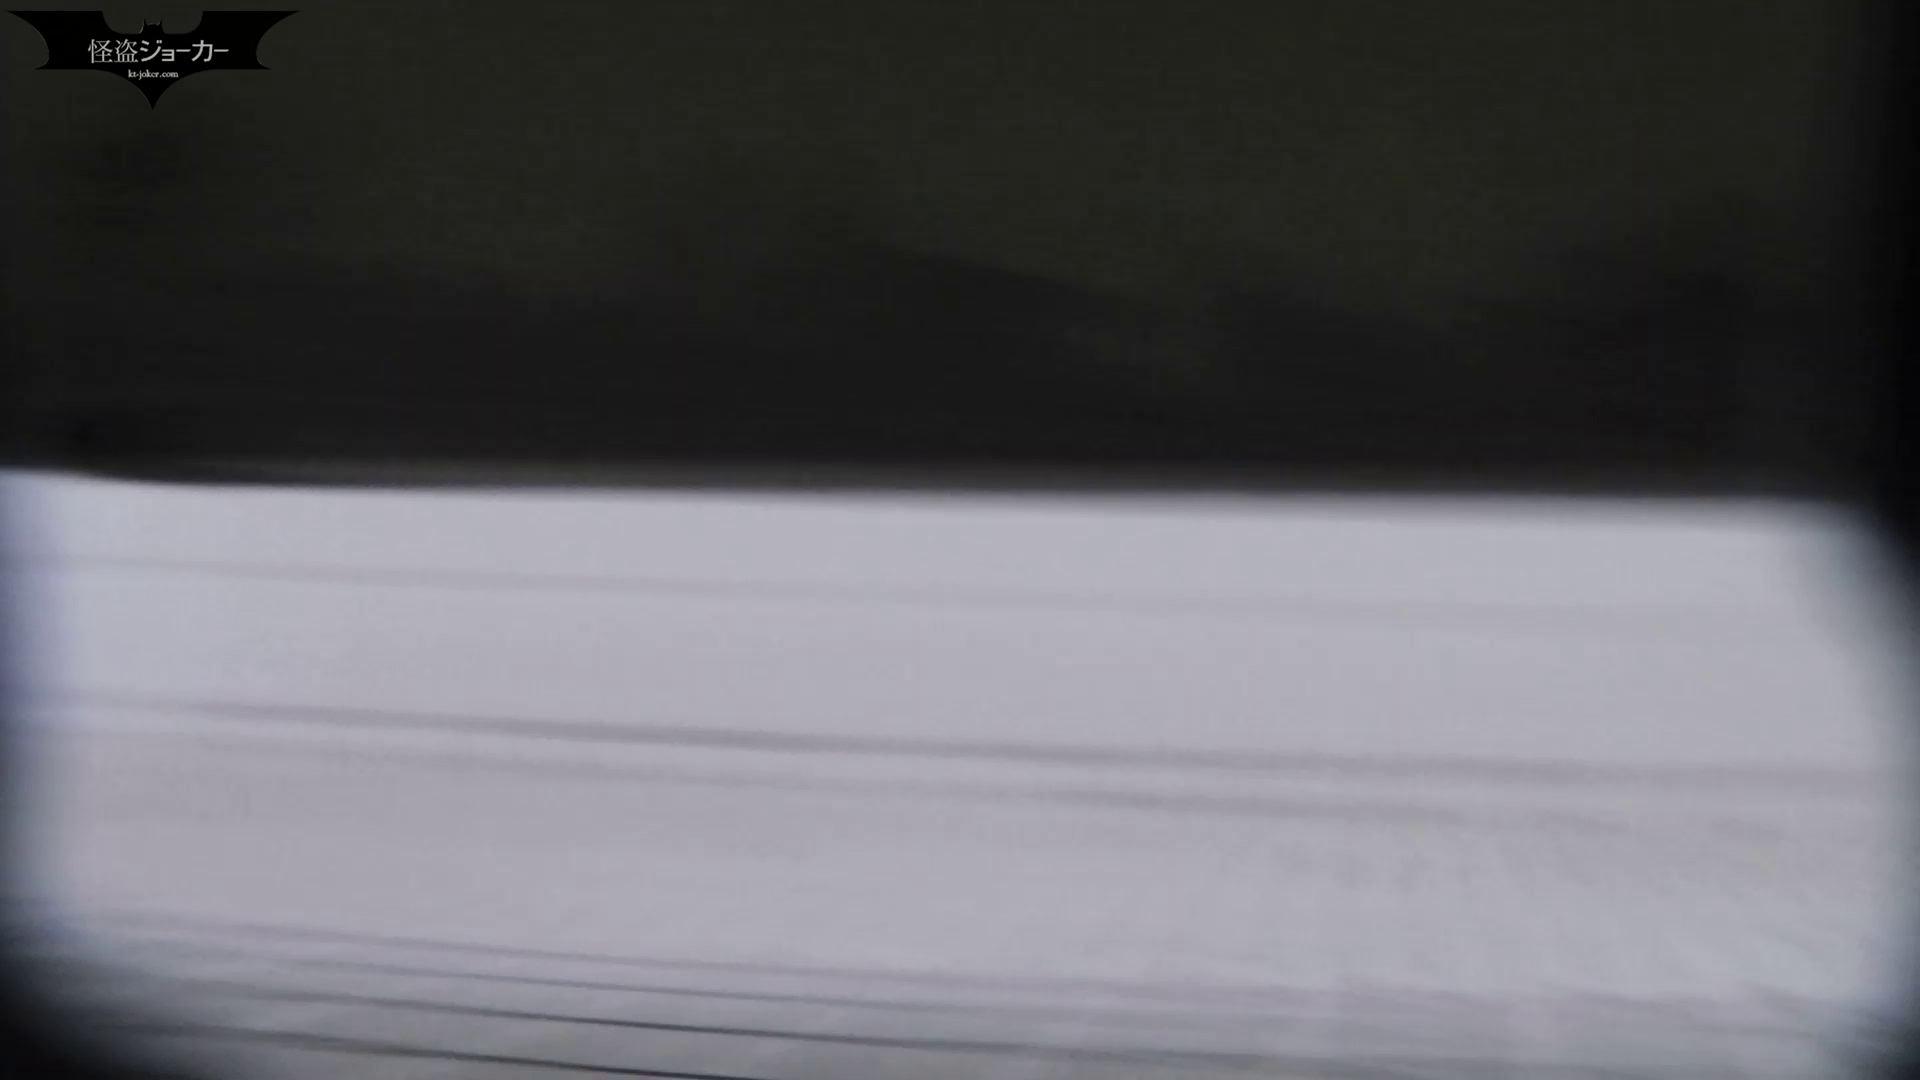 洗面所特攻隊 vol.047 モリモリ、ふきふきにスーパーズーム! 高画質 われめAV動画紹介 101枚 19